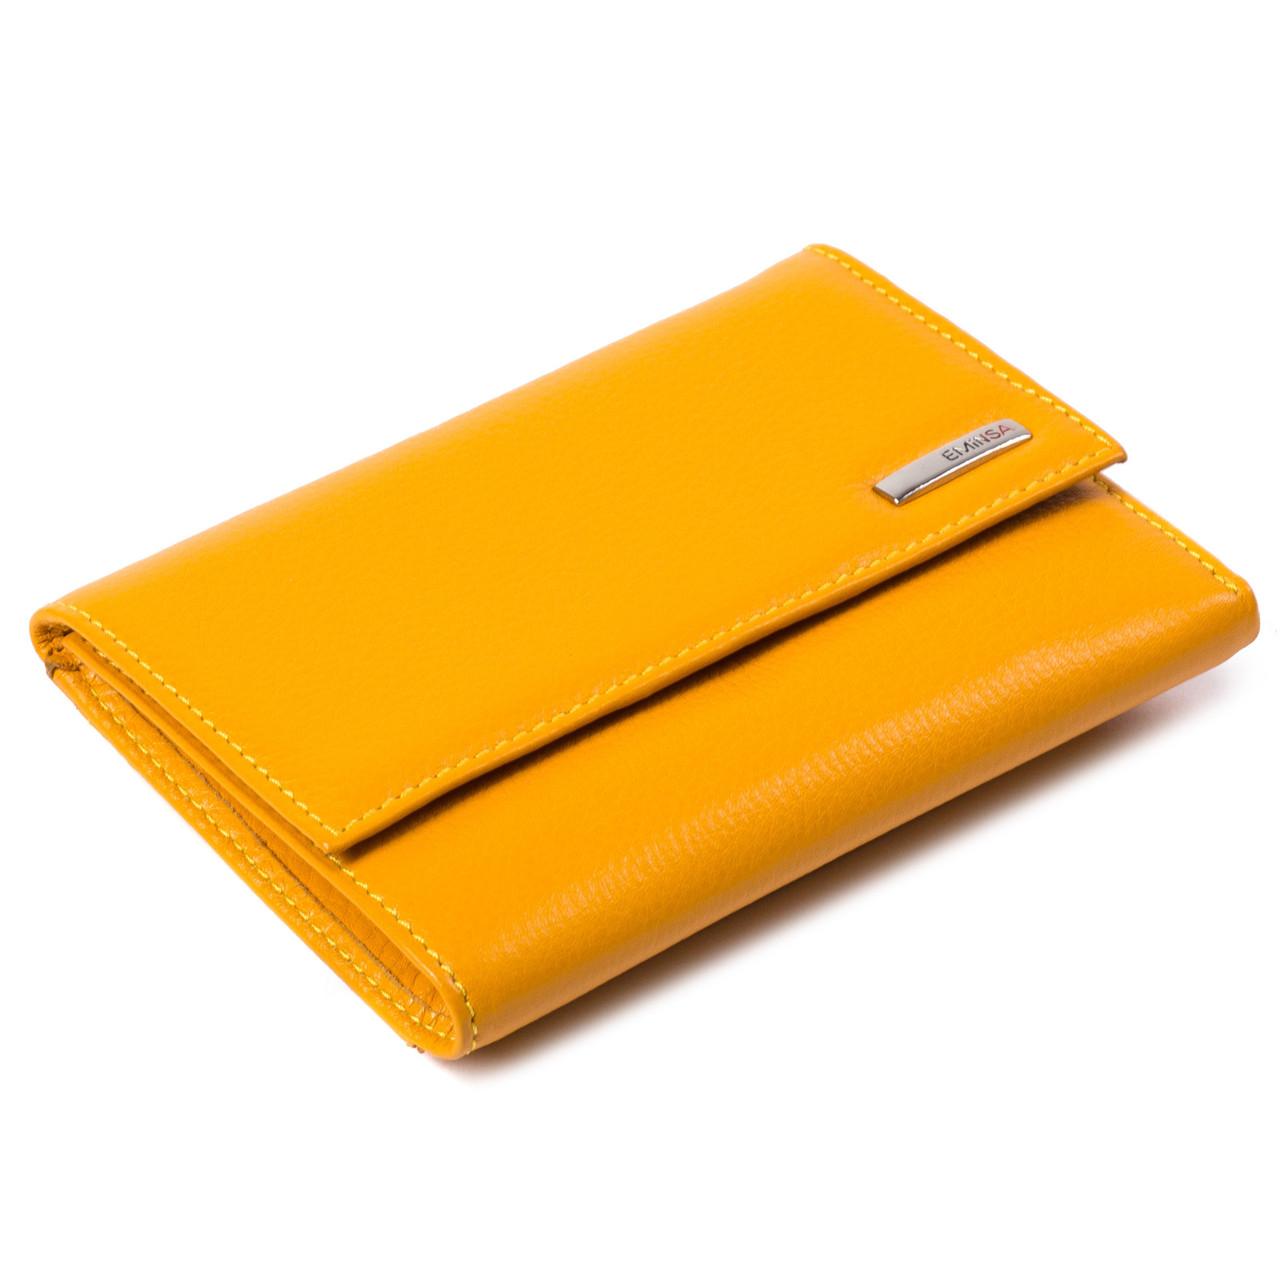 Женский кошелек кожаный желтый Eminsa 2067-12-13